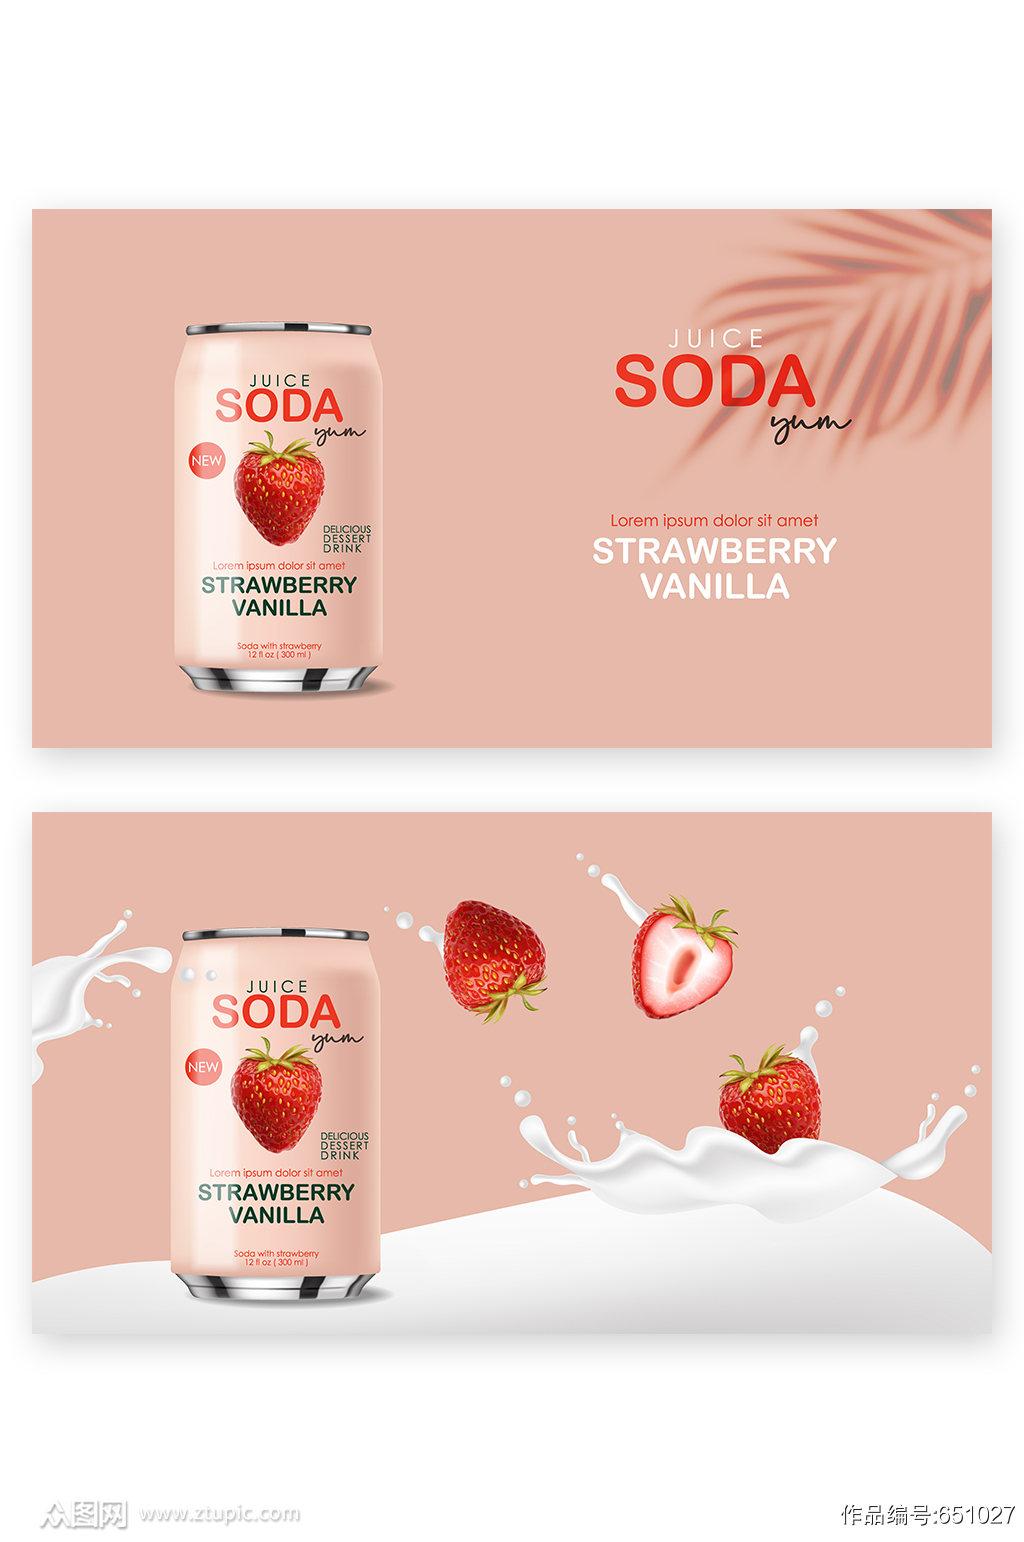 草莓牛奶易拉罐饮品海报素材